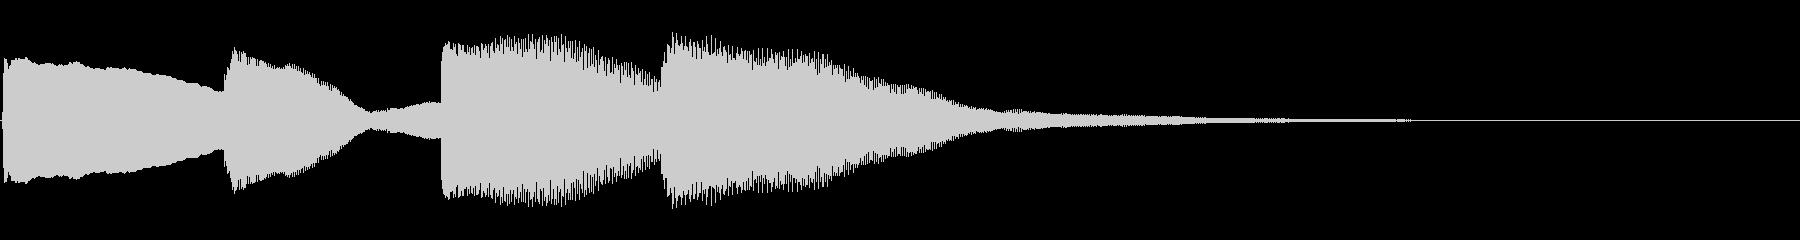 ピンポンパンポン01-4(バイノーラル)の未再生の波形